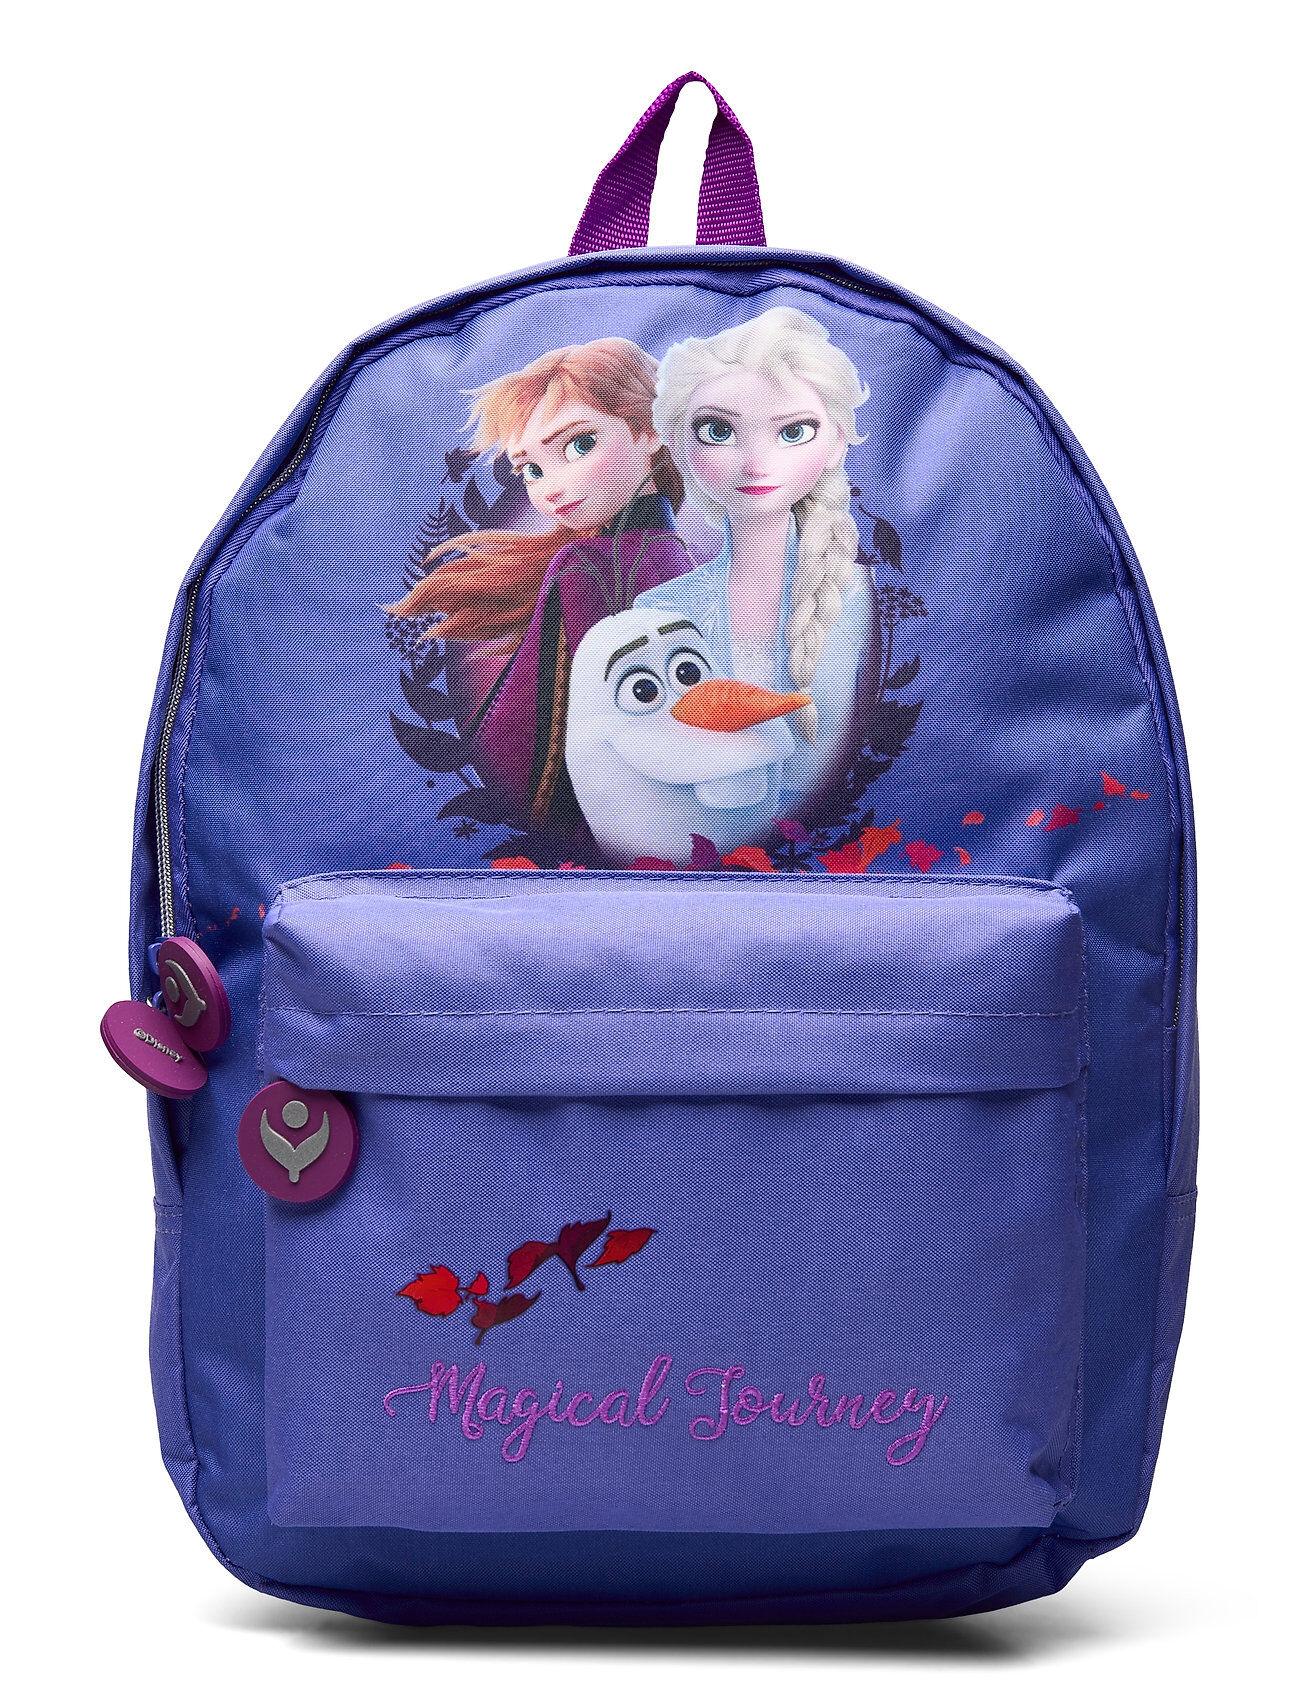 Disney Frozen 2 Backpack Accessories Bags Backpacks Sininen Disney Frozen